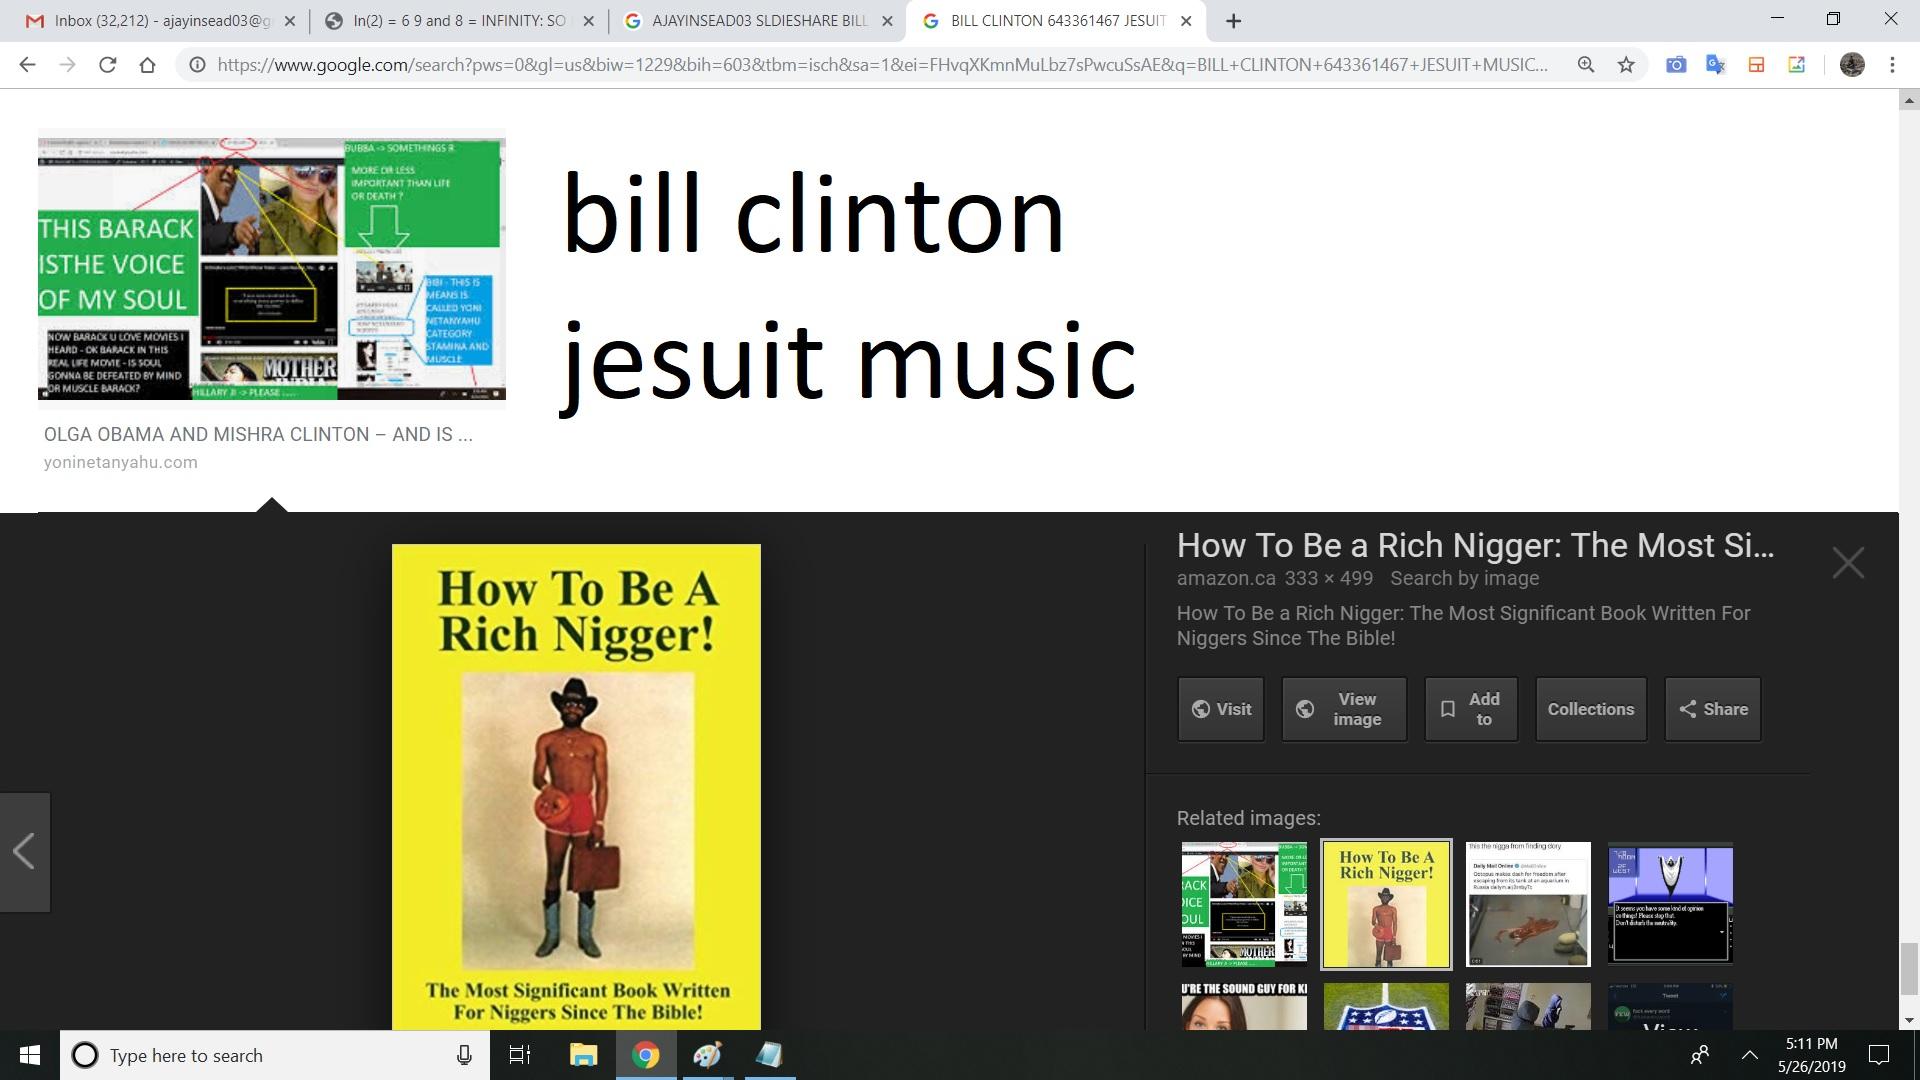 bill clinton jesuit music